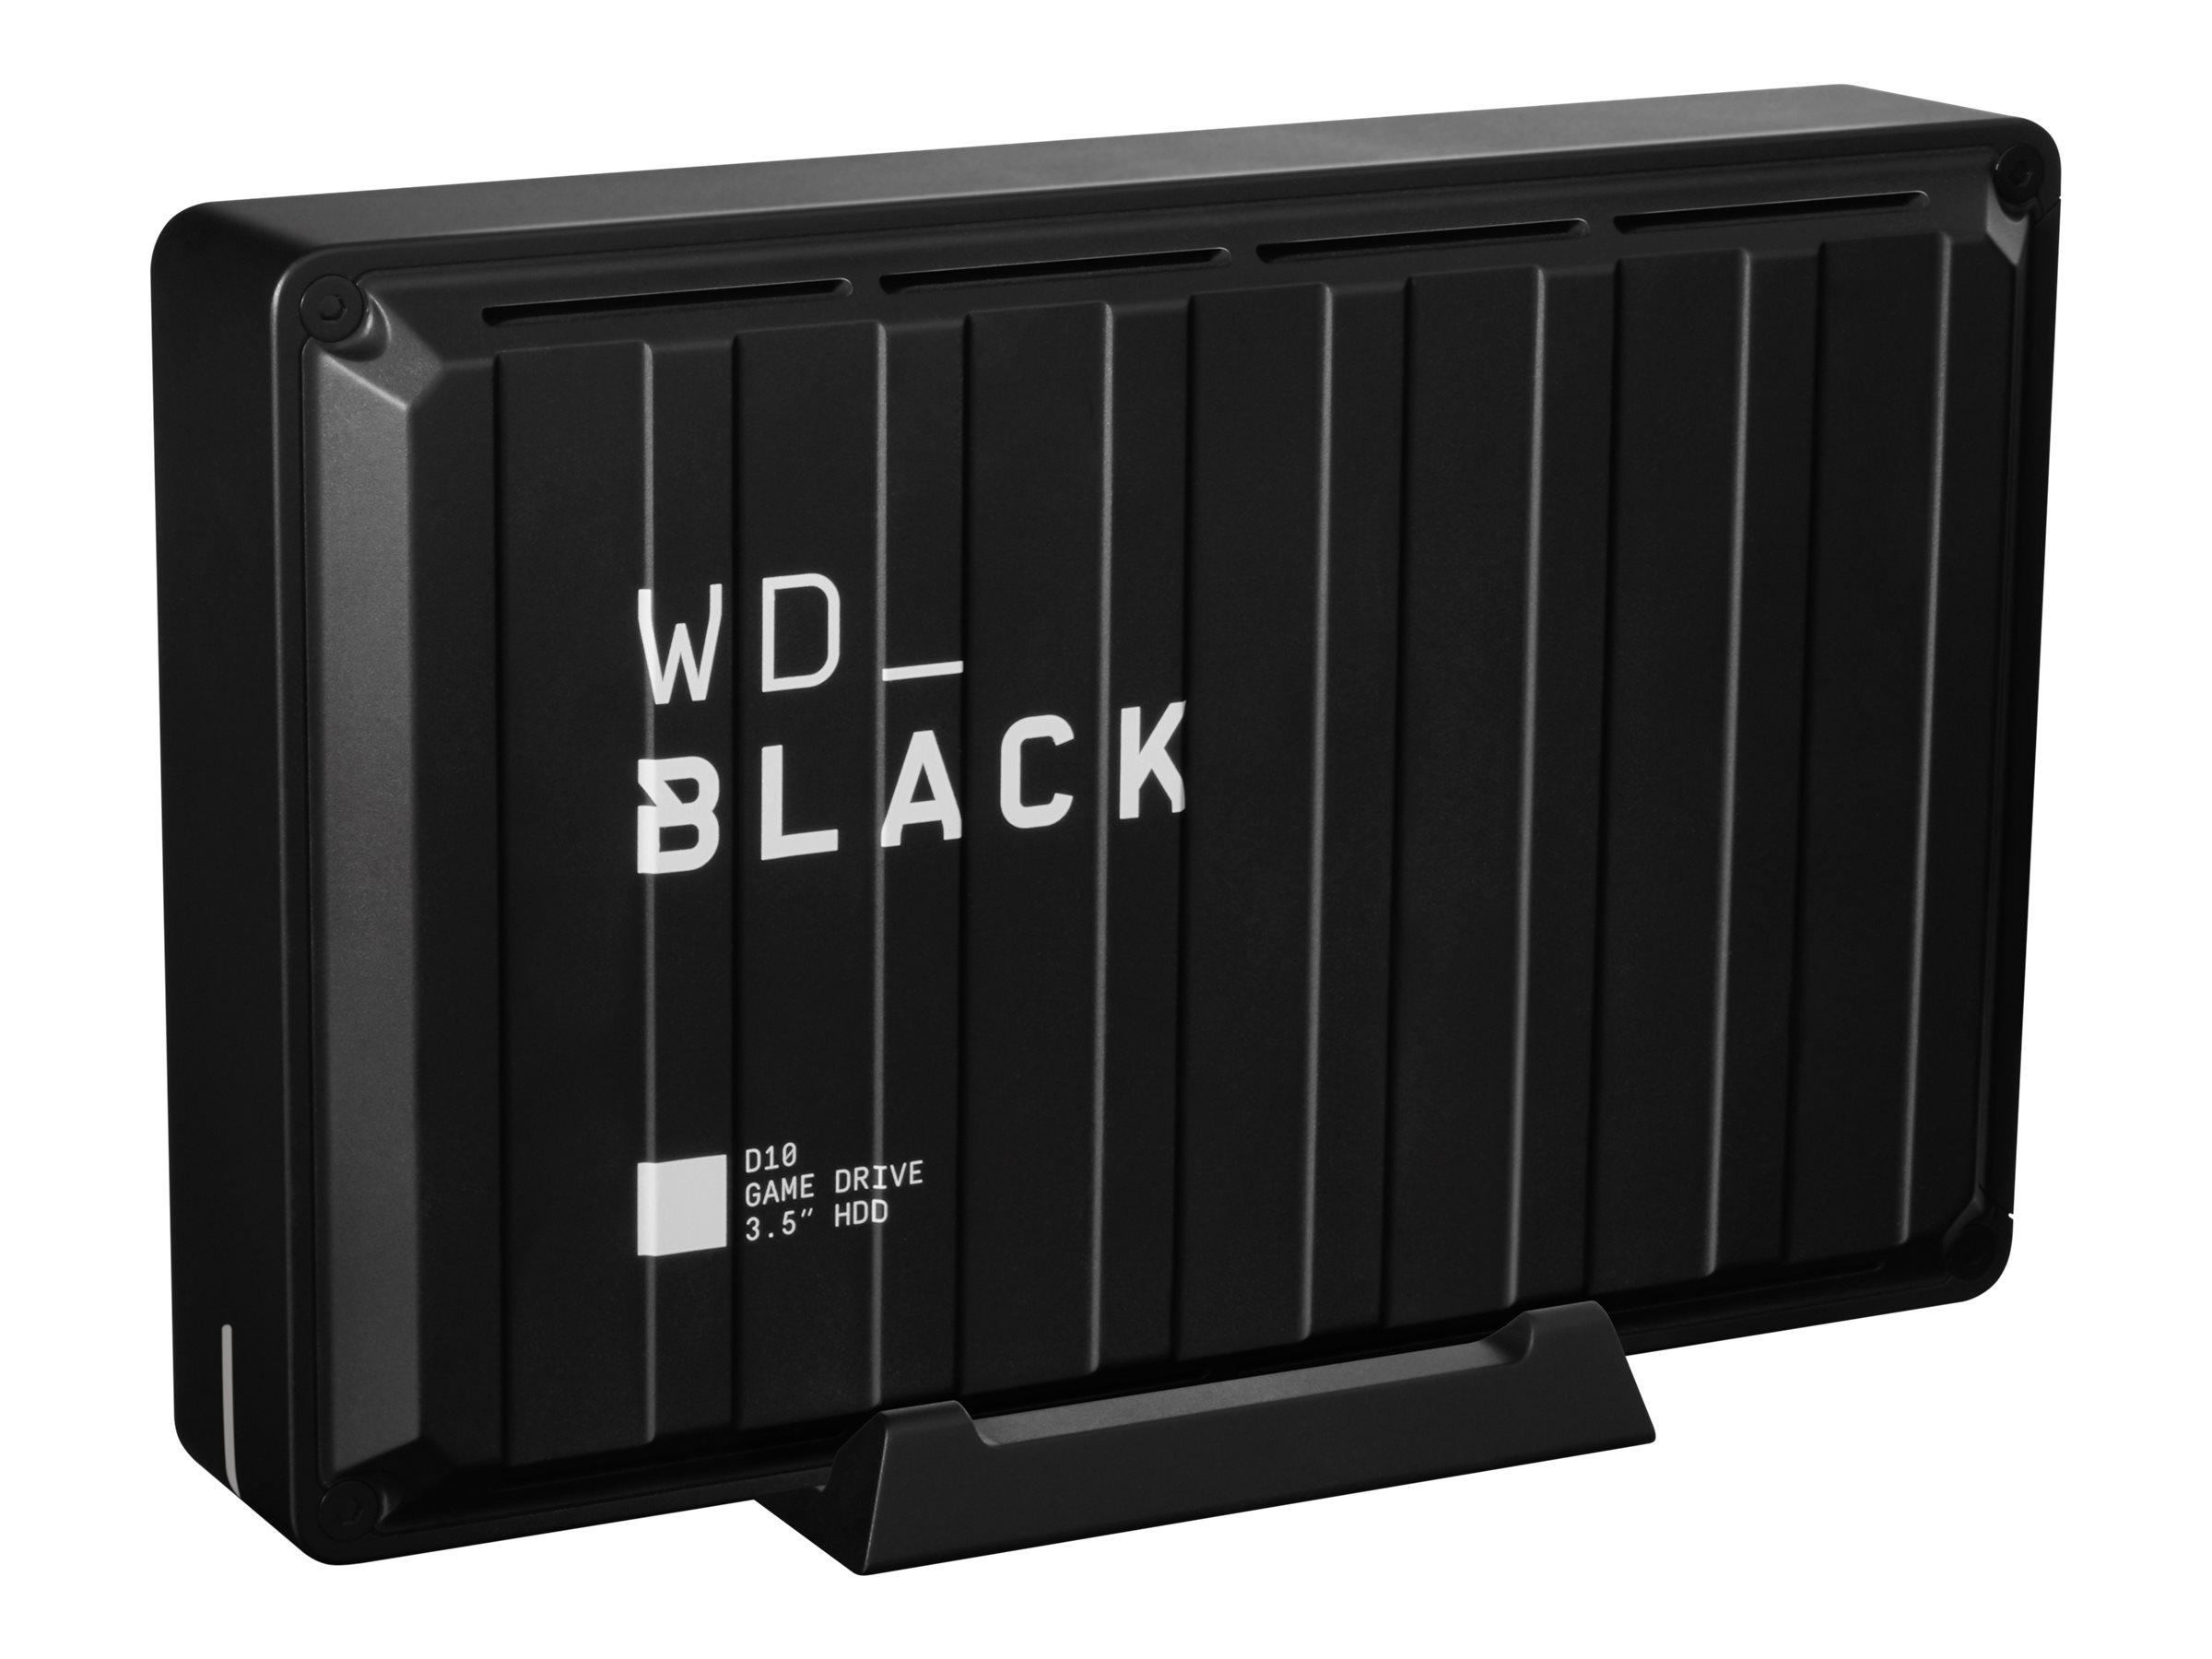 WD_BLACK D10 Game Drive WDBA3P0080HBK - Festplatte - 8 TB - extern (tragbar) - USB 3.2 Gen 1 - 7200 rpm